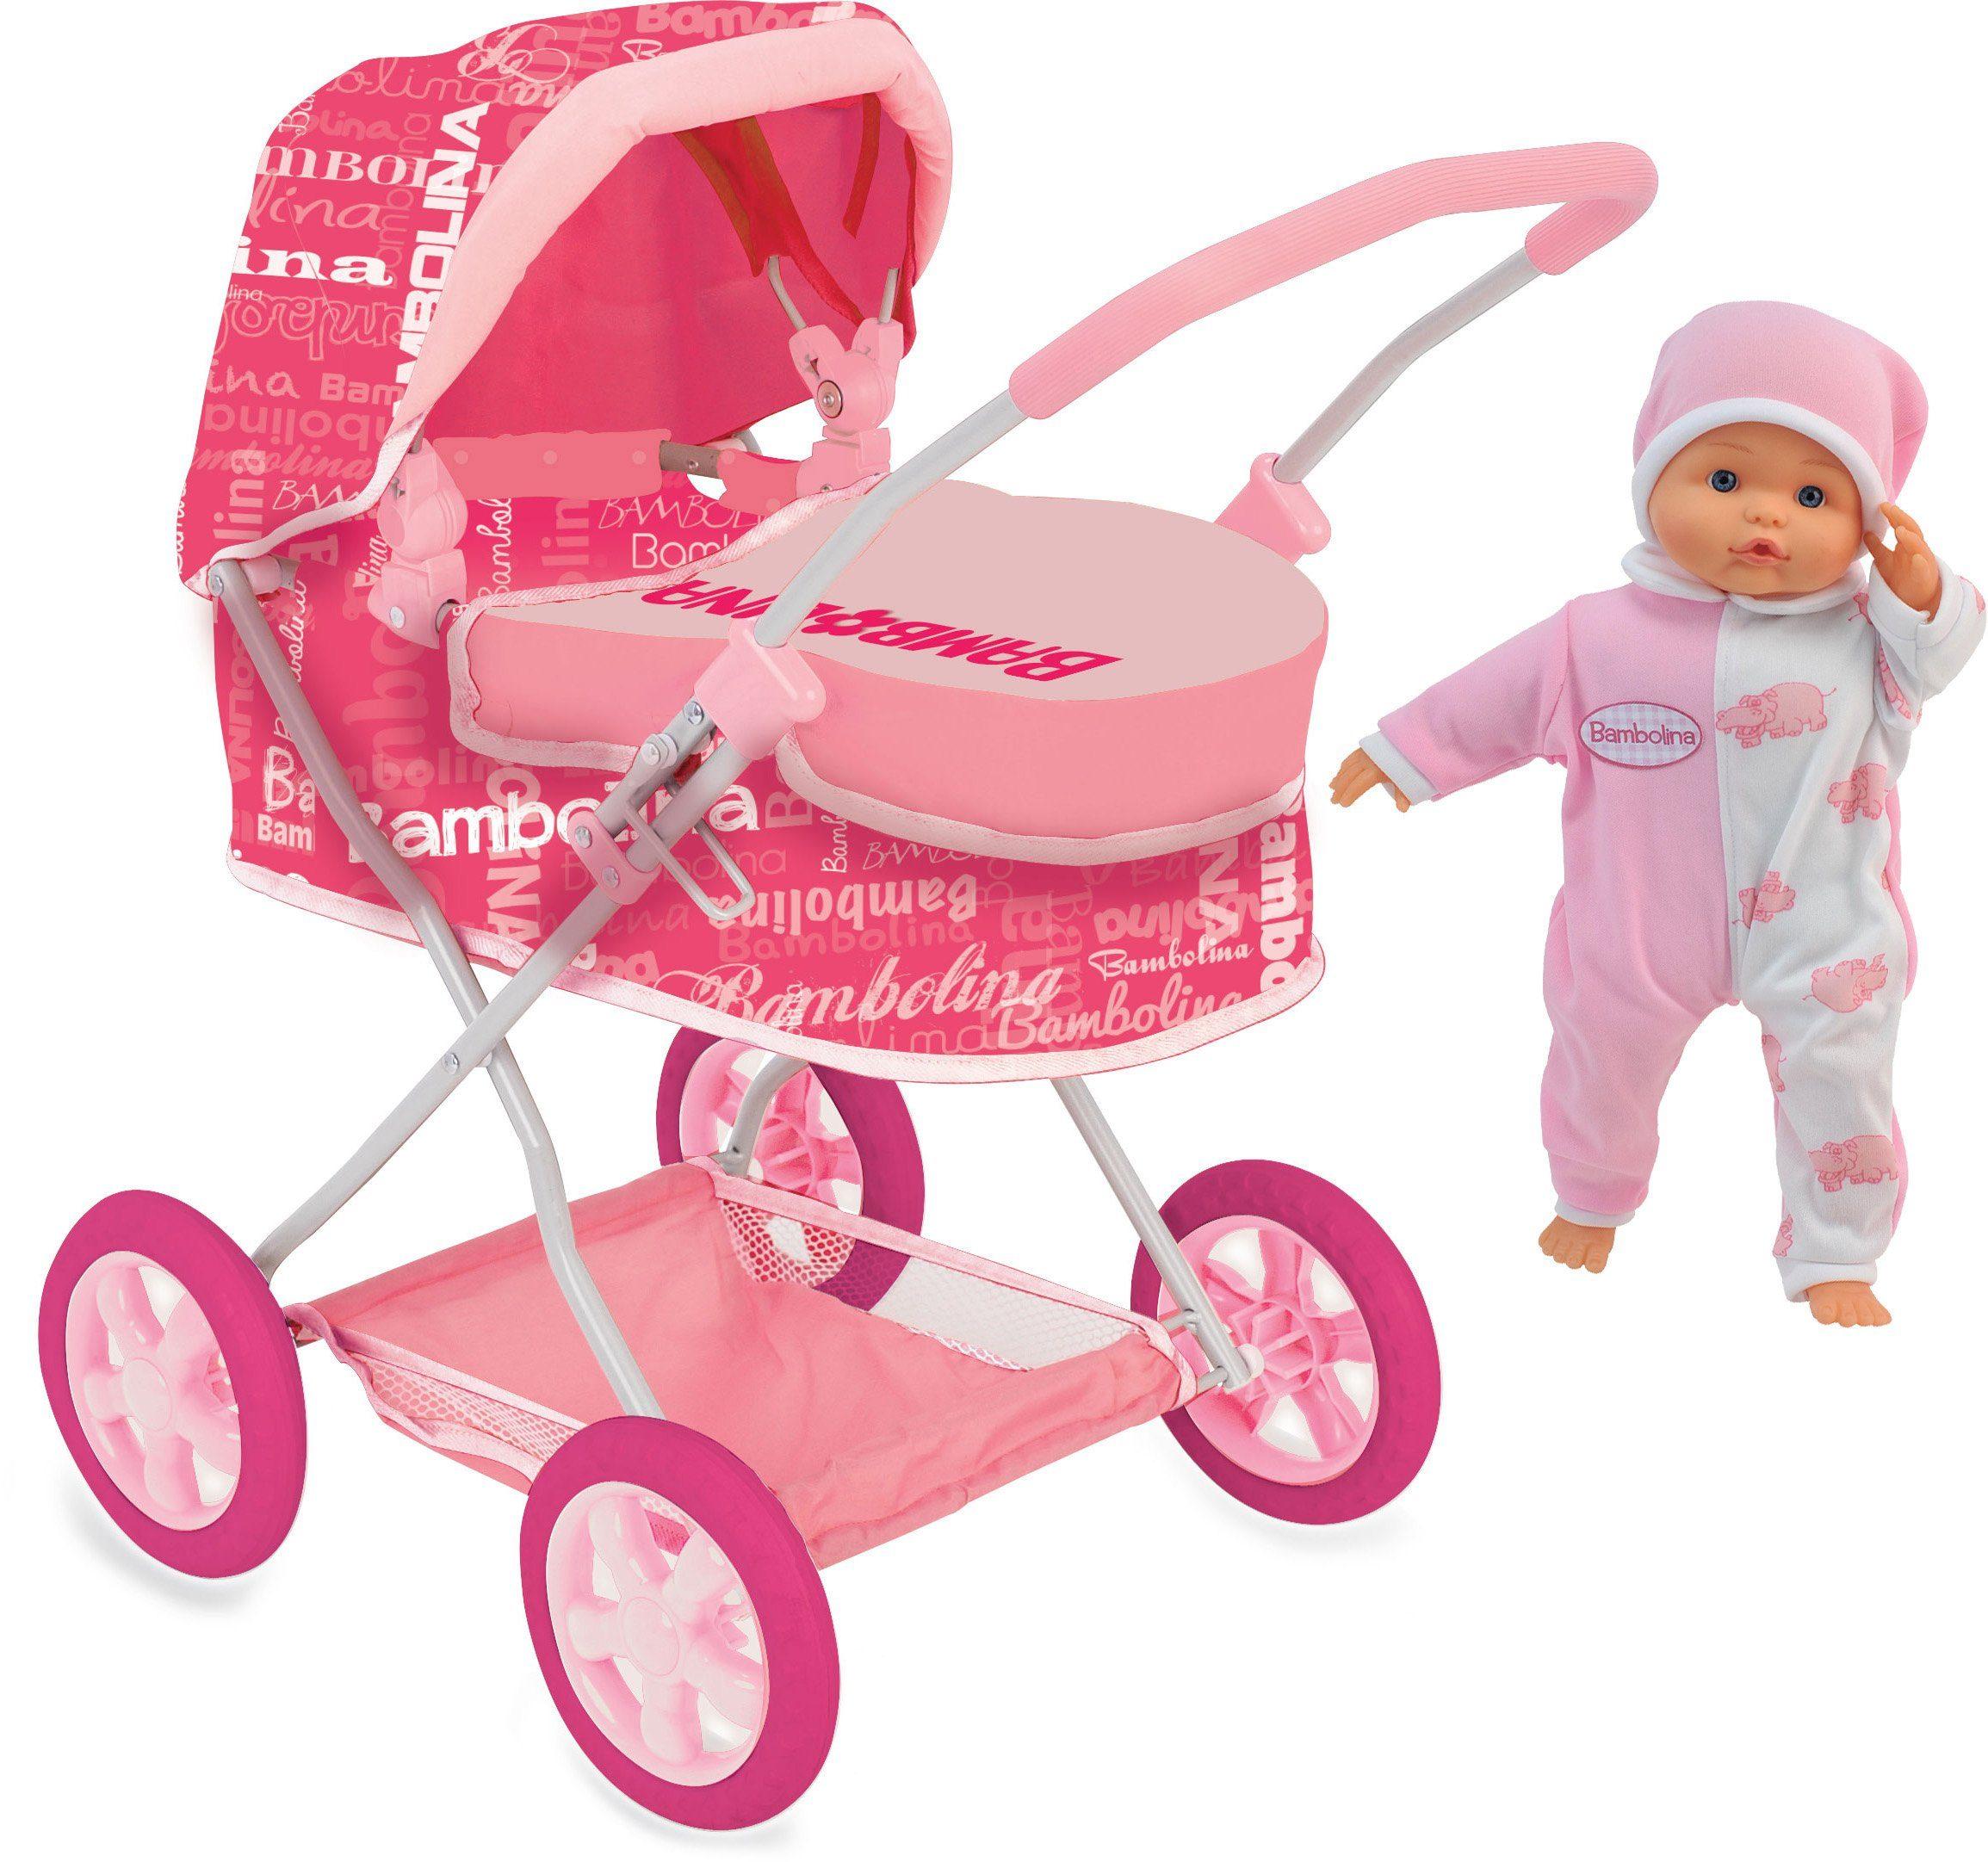 Dimian Puppenwagen Set, »Bambolina Puppenwagen mit 36 cm großer Weichpuppe«